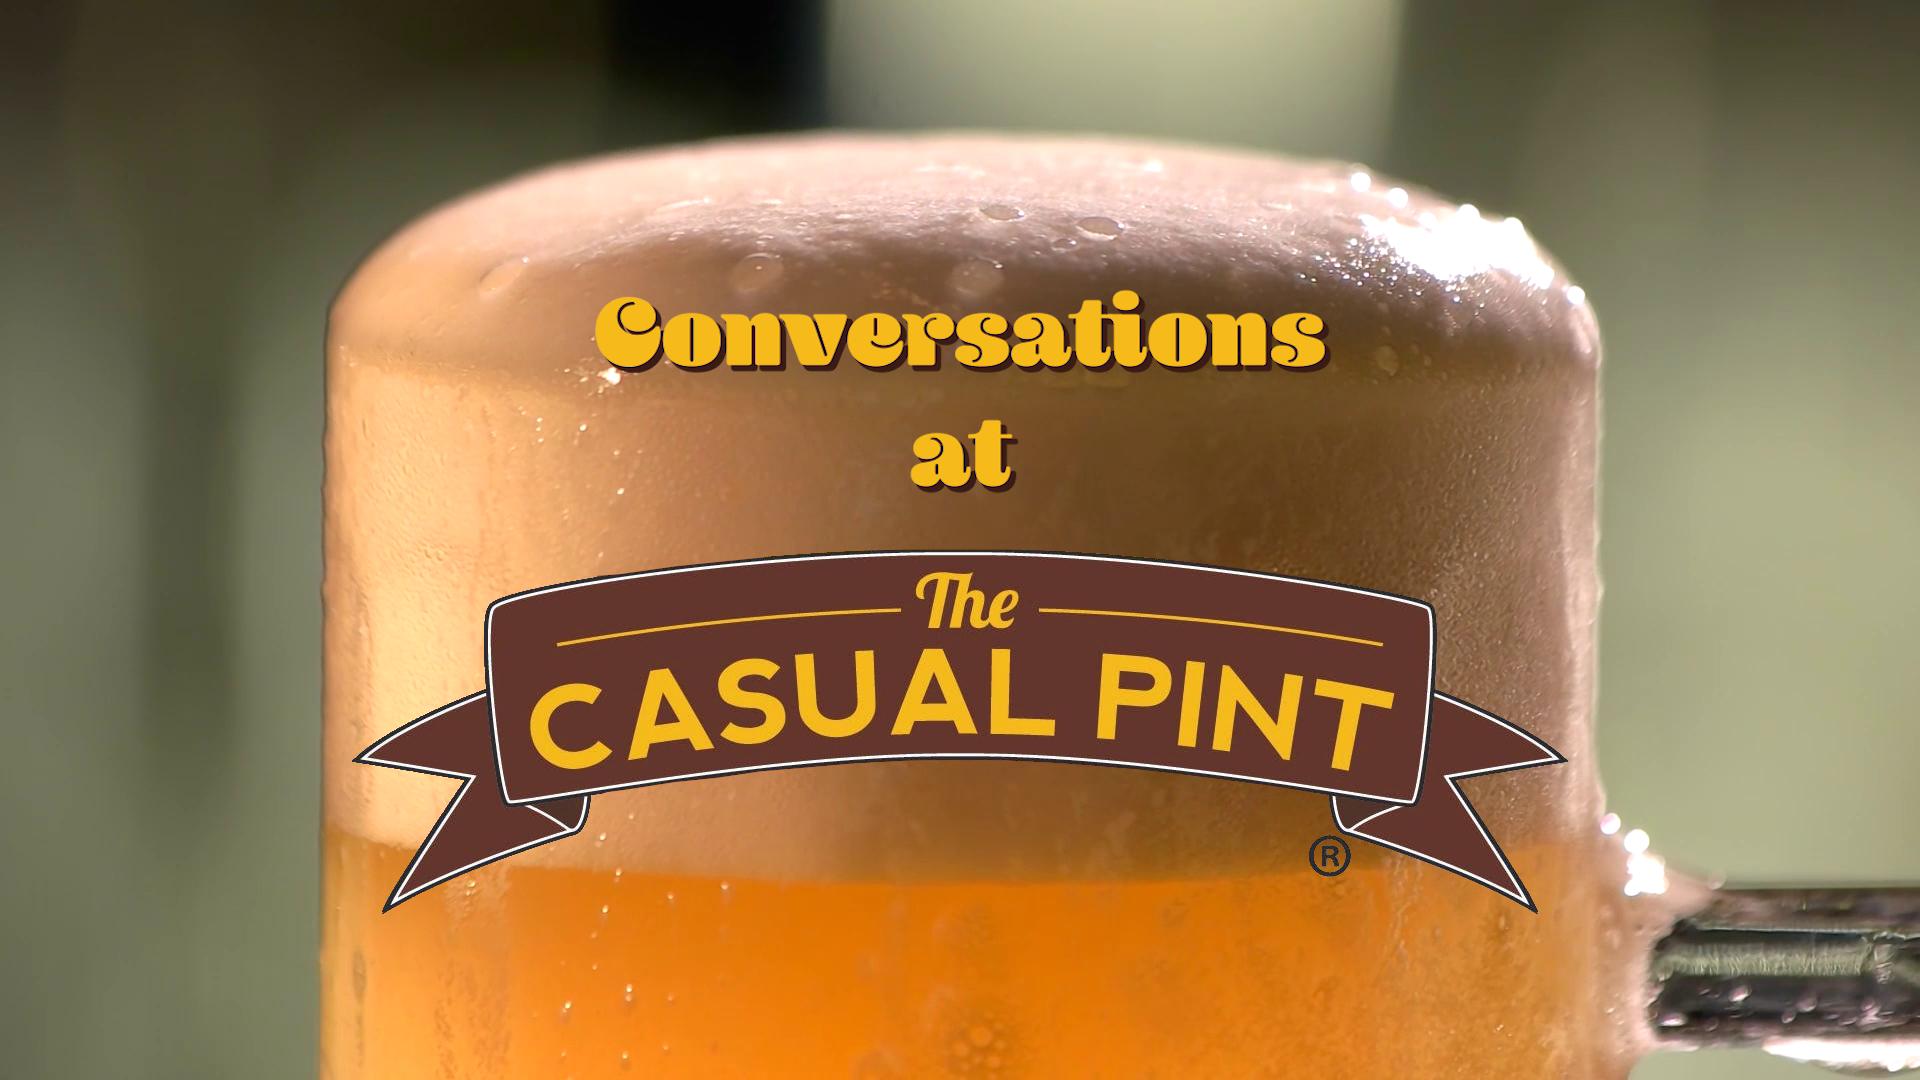 Conversations at Casual Pint